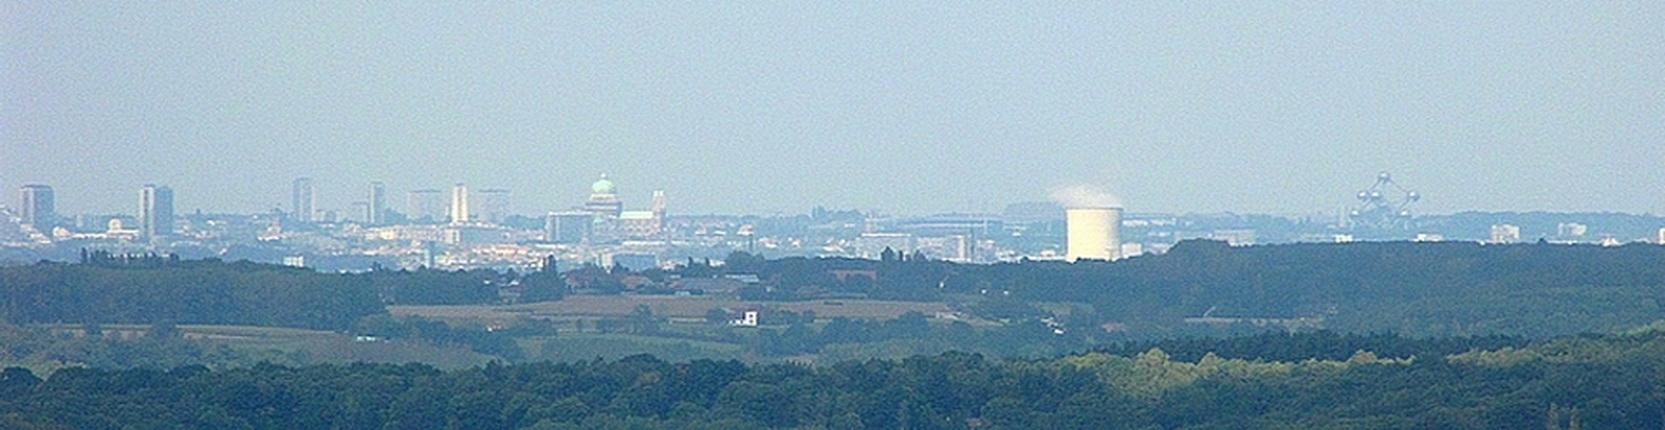 Vu de la tour